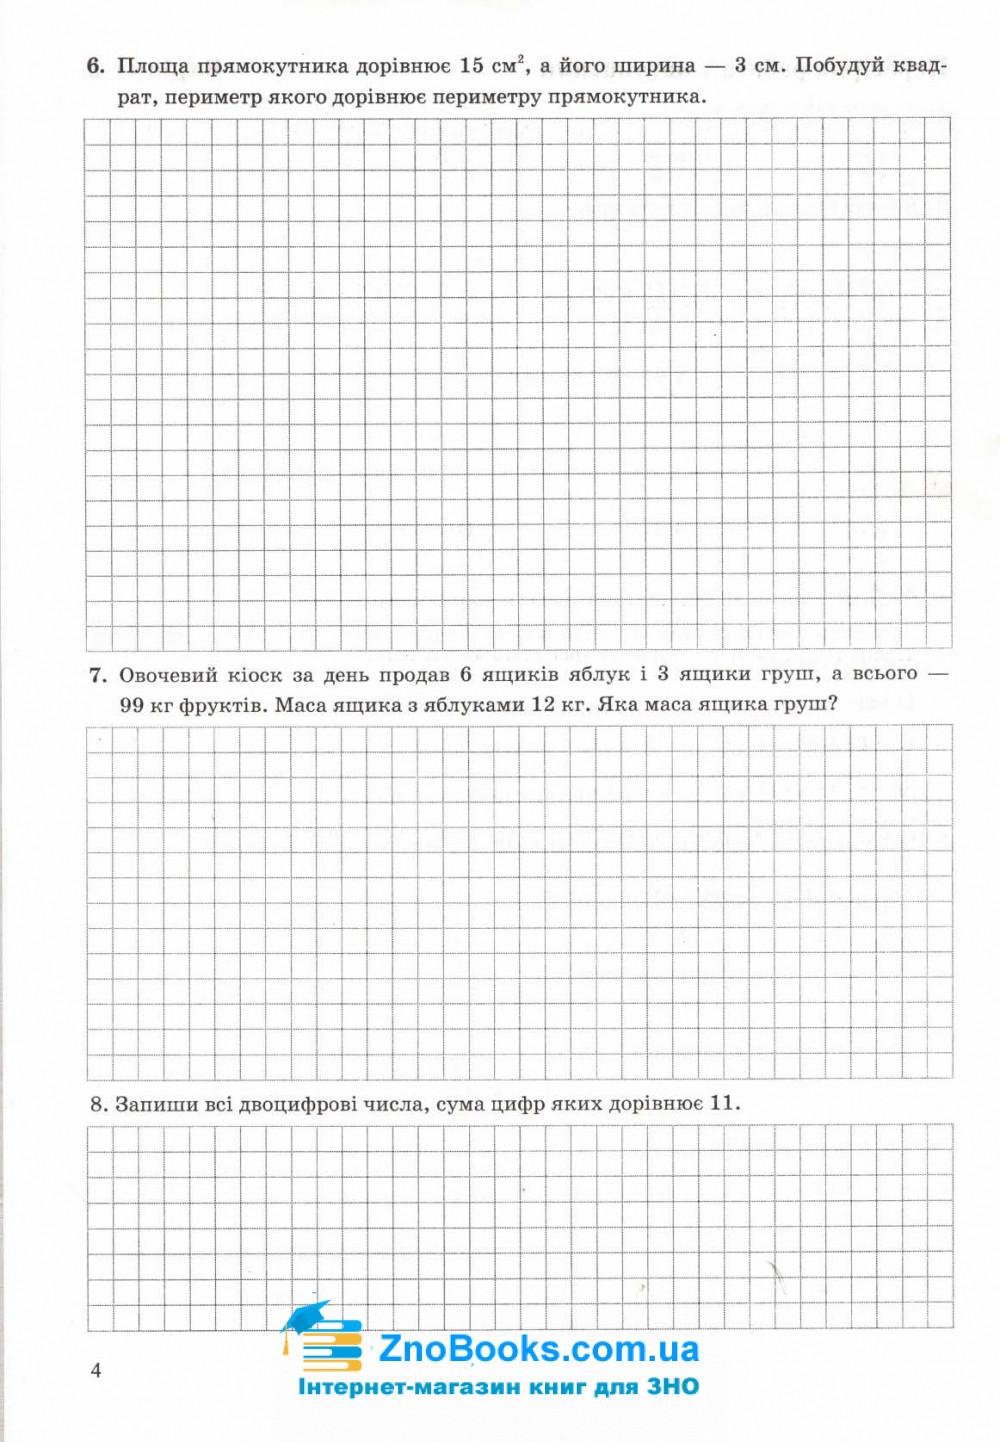 ДПА 4 клас 2022 Математика. Орієнтовні перевірні роботи : Корчевська О. Підручники і посібники. 5